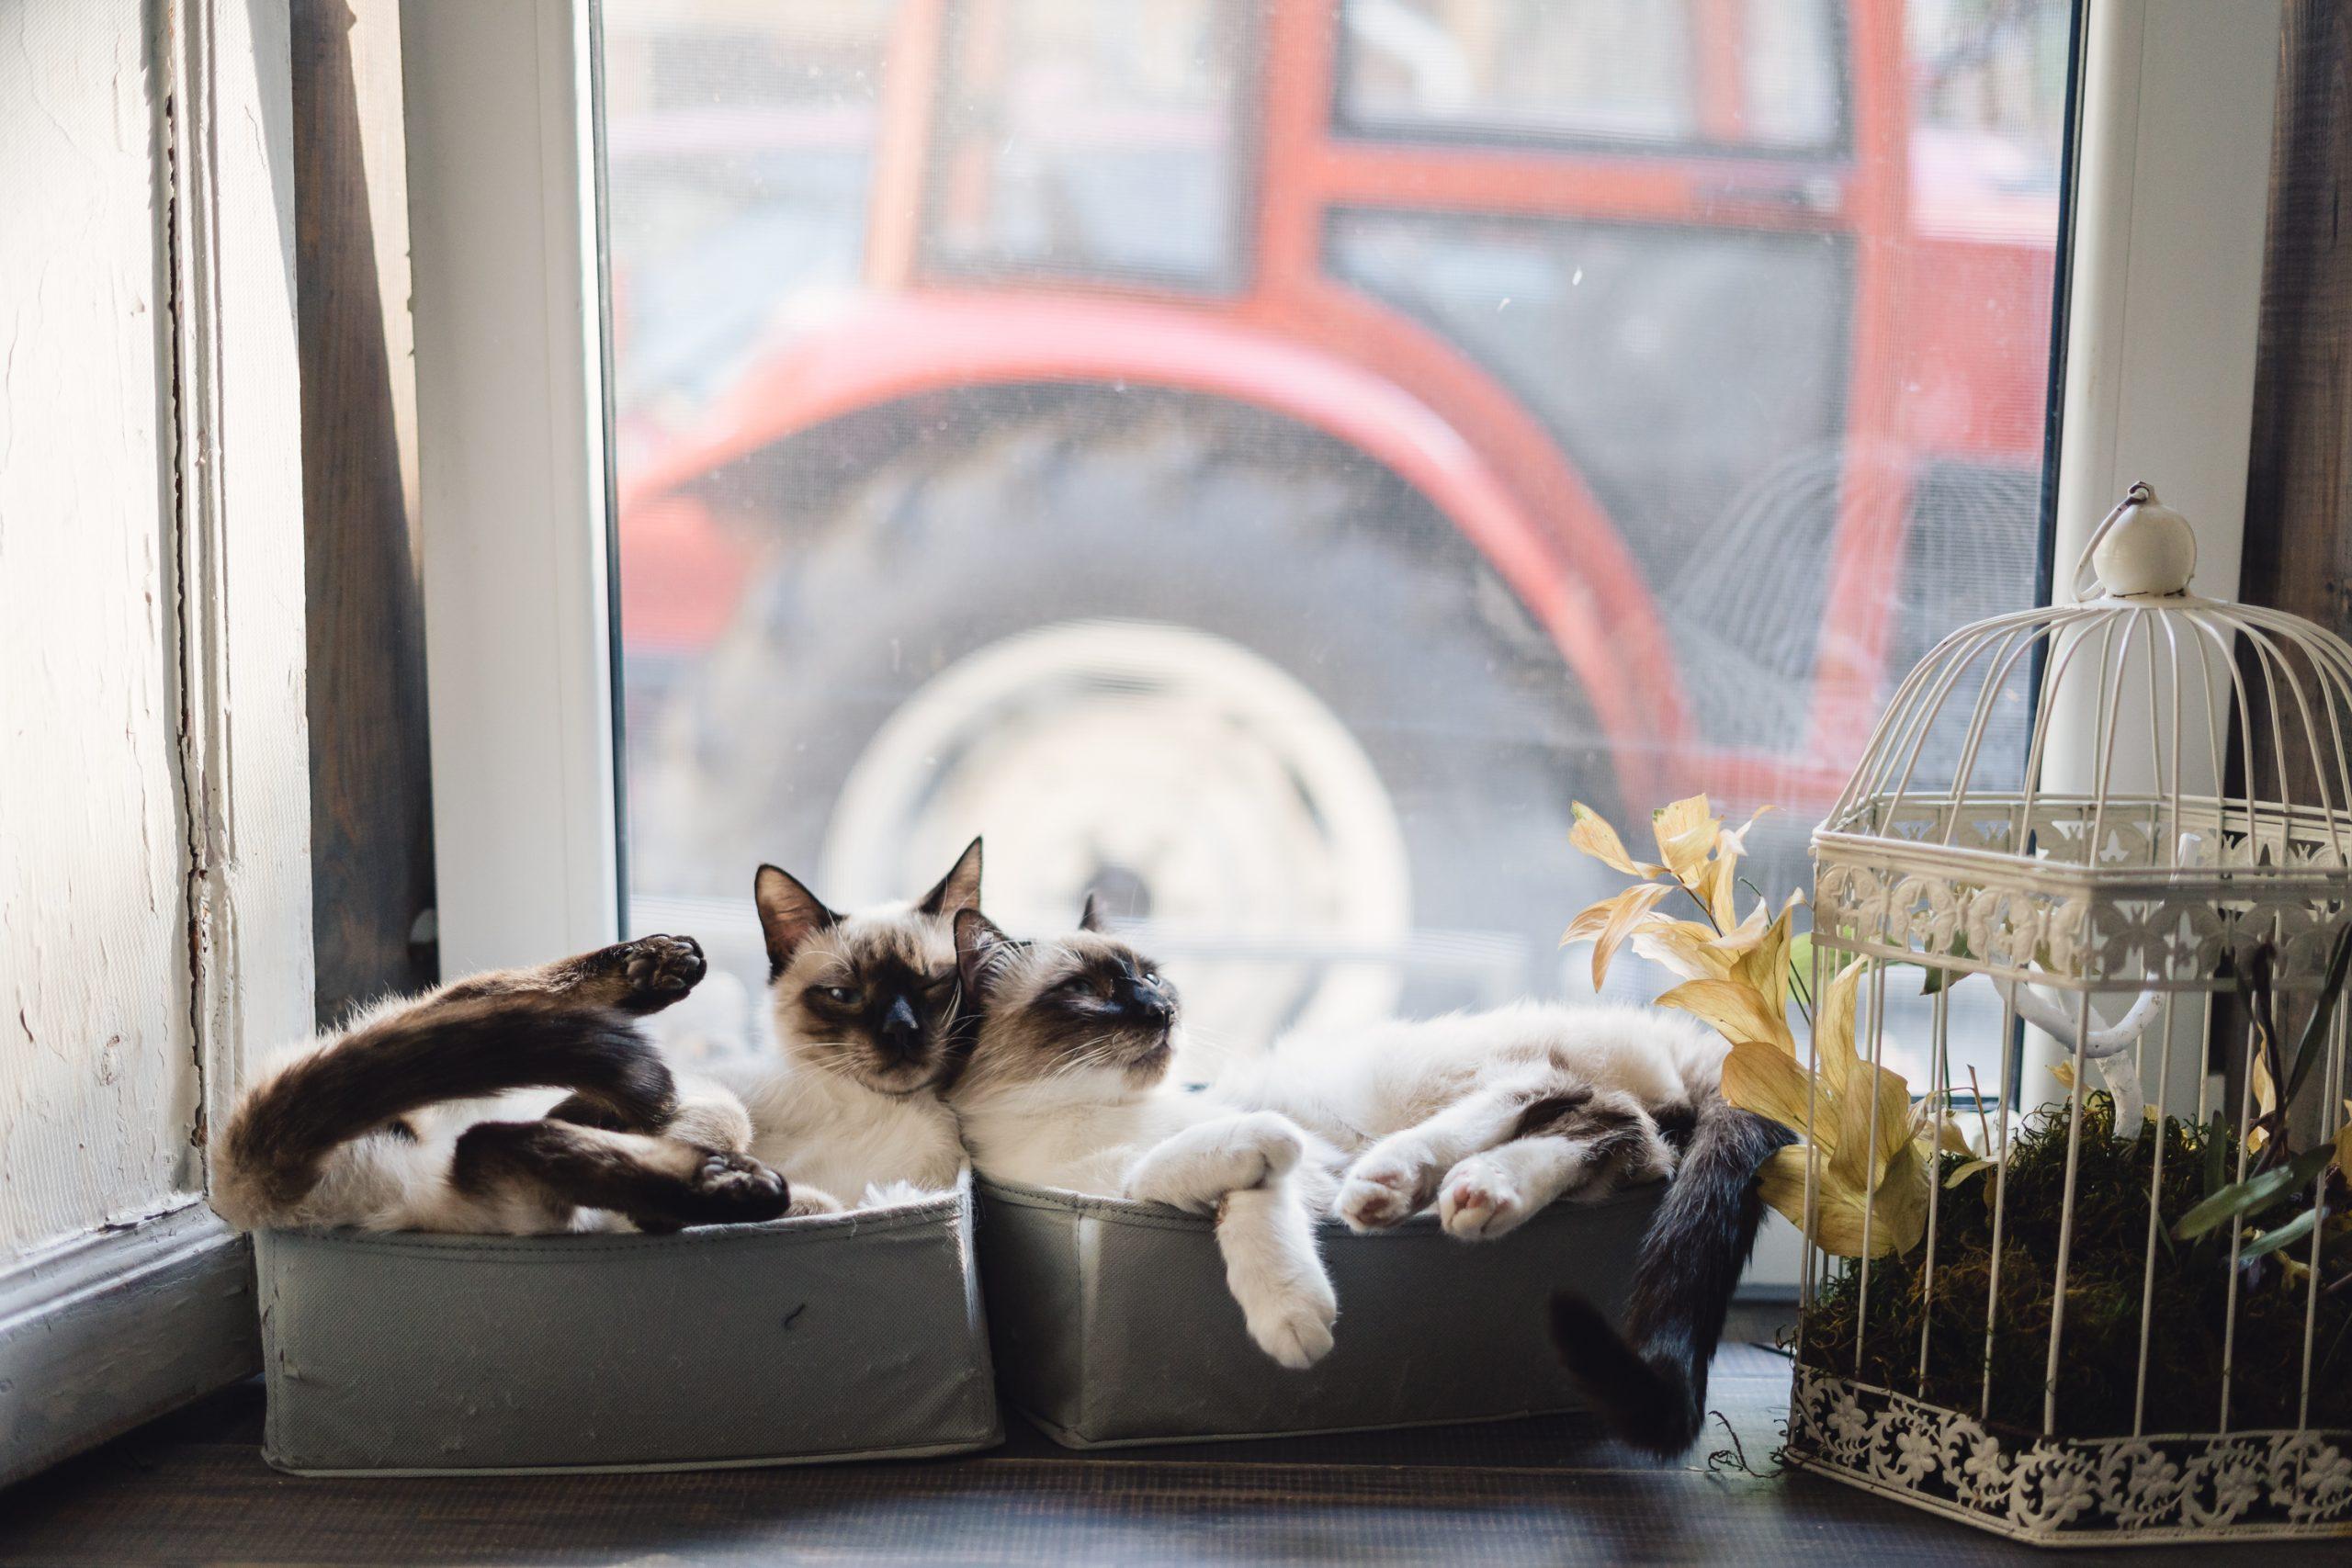 gatos descansando en caja